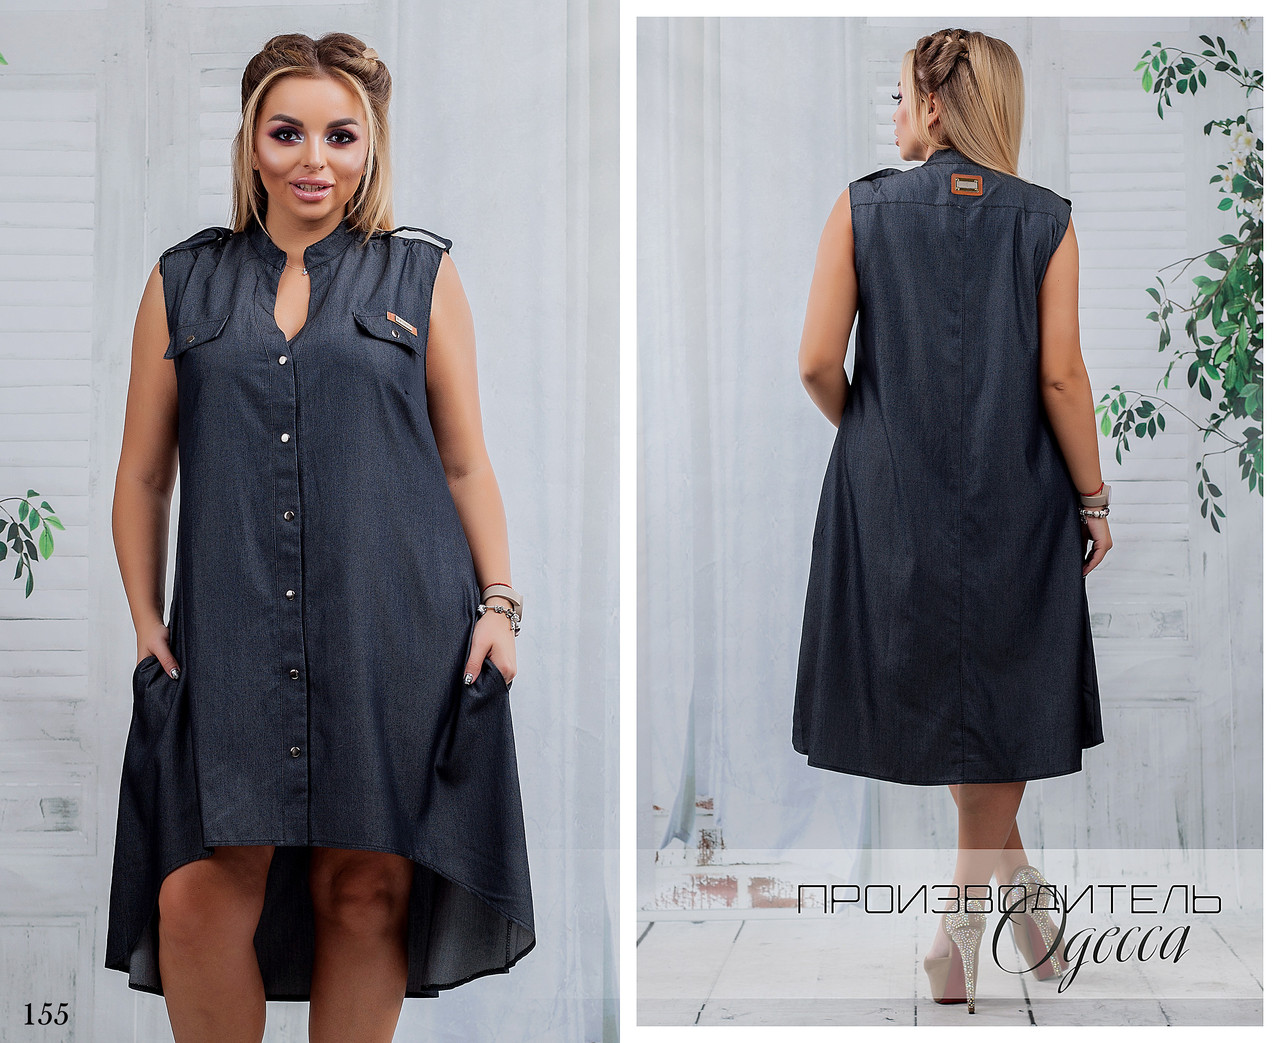 Сукня вільного фасону без хвіст з кишенями джинс 48,50,52,54